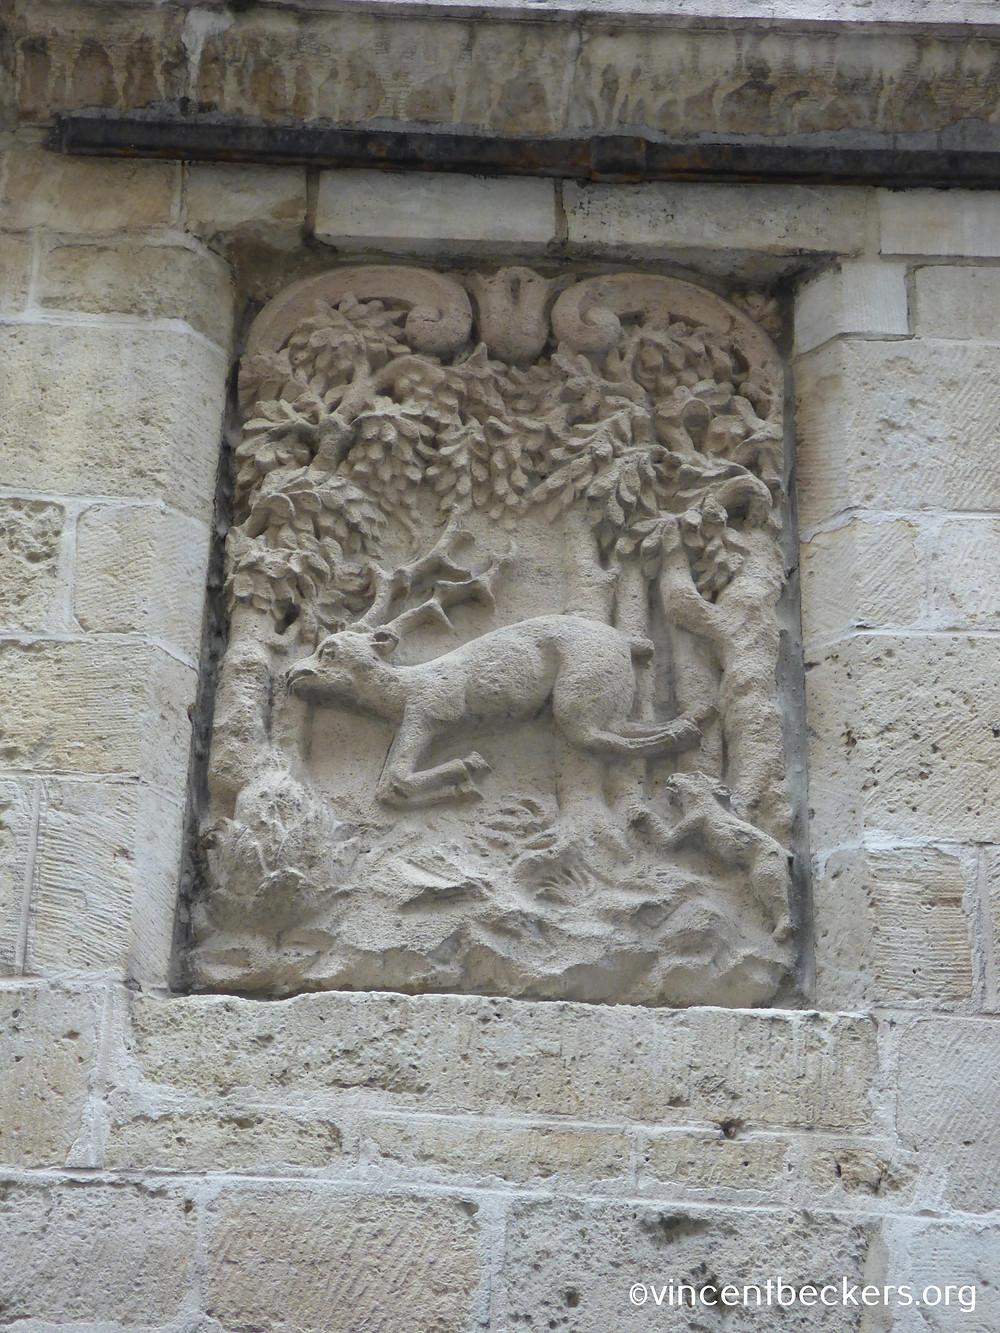 cerf-volant, maison du Cerf, Grand-Place de Bruxelles, visite guidée Grand-Place de Bruxelles, Vincent Beckers